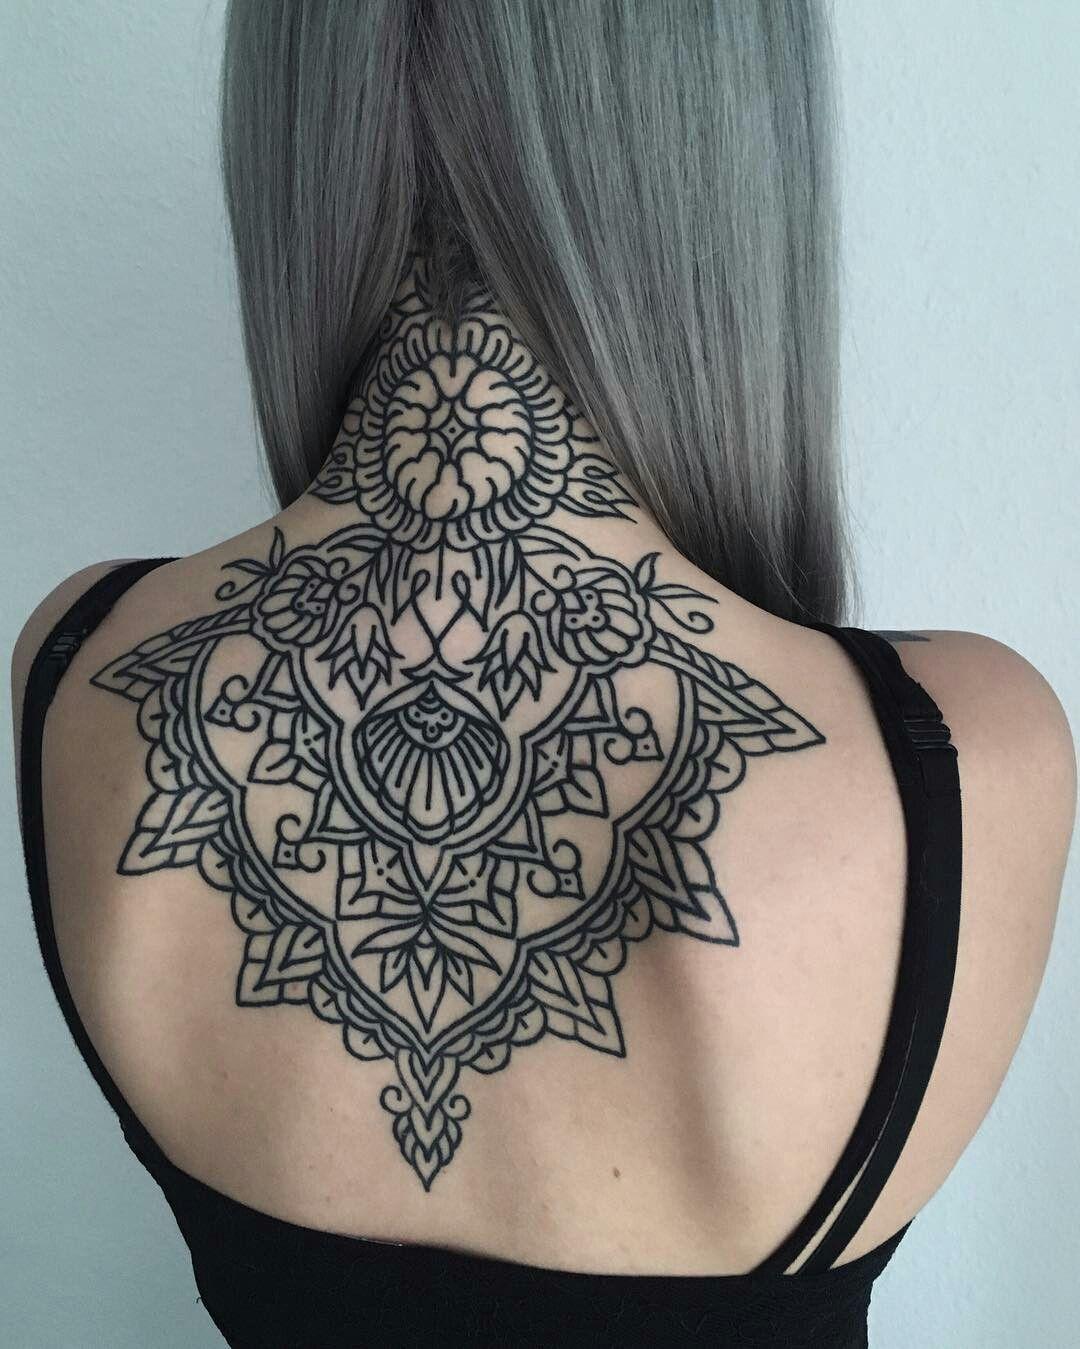 Tattoo Done By Ubler Friedrich Mandala Mandalatattoo Tattoo